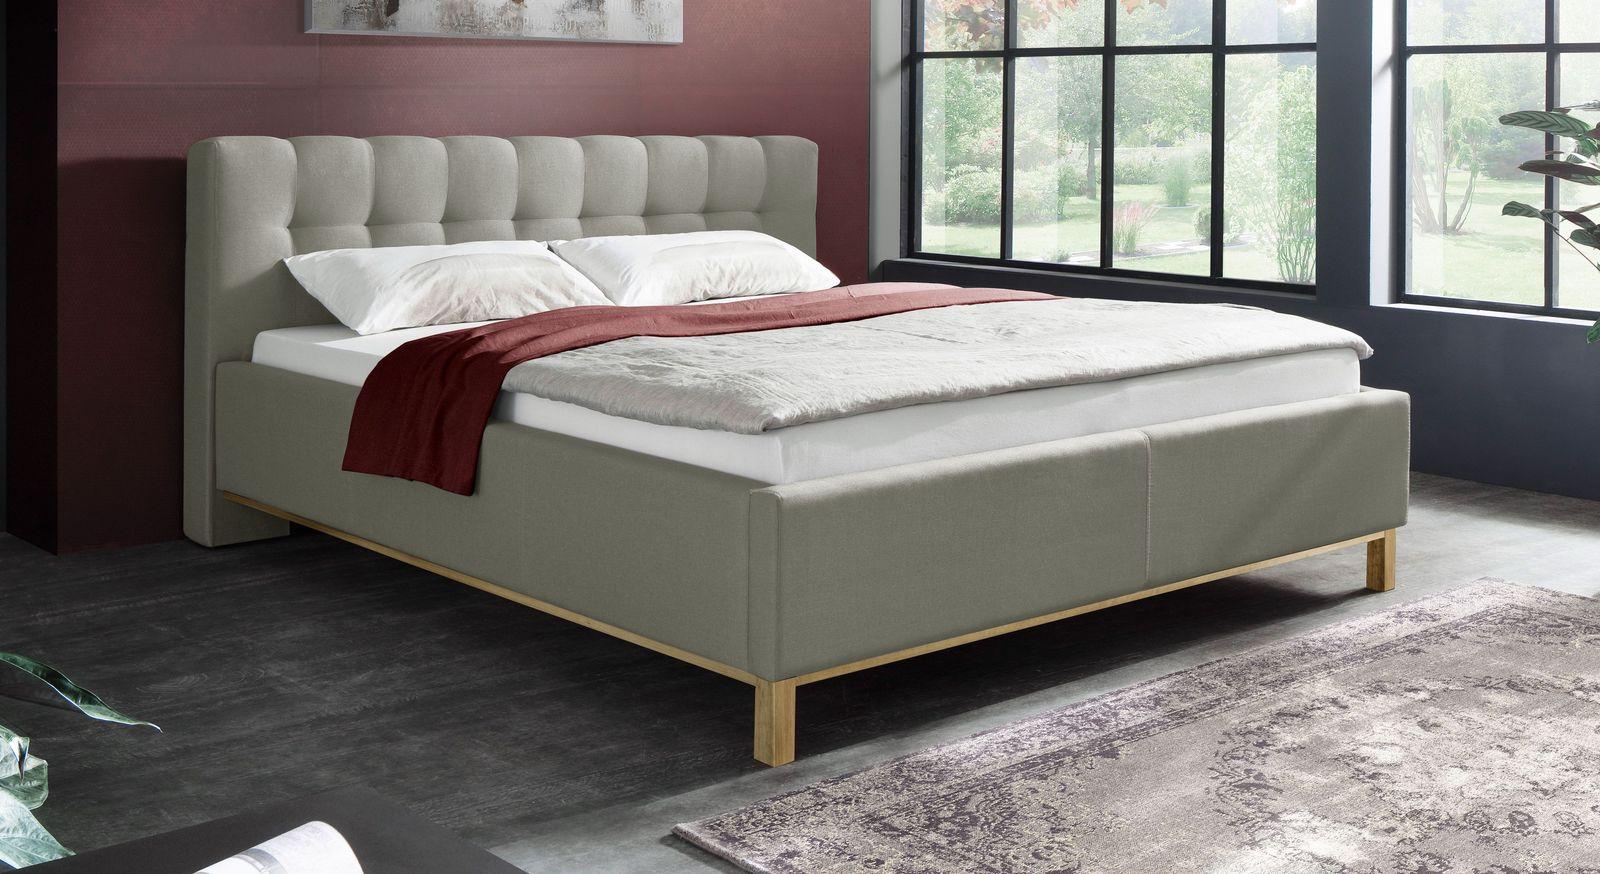 Bett Niebla mit Unterleisten und Füßen aus Holz